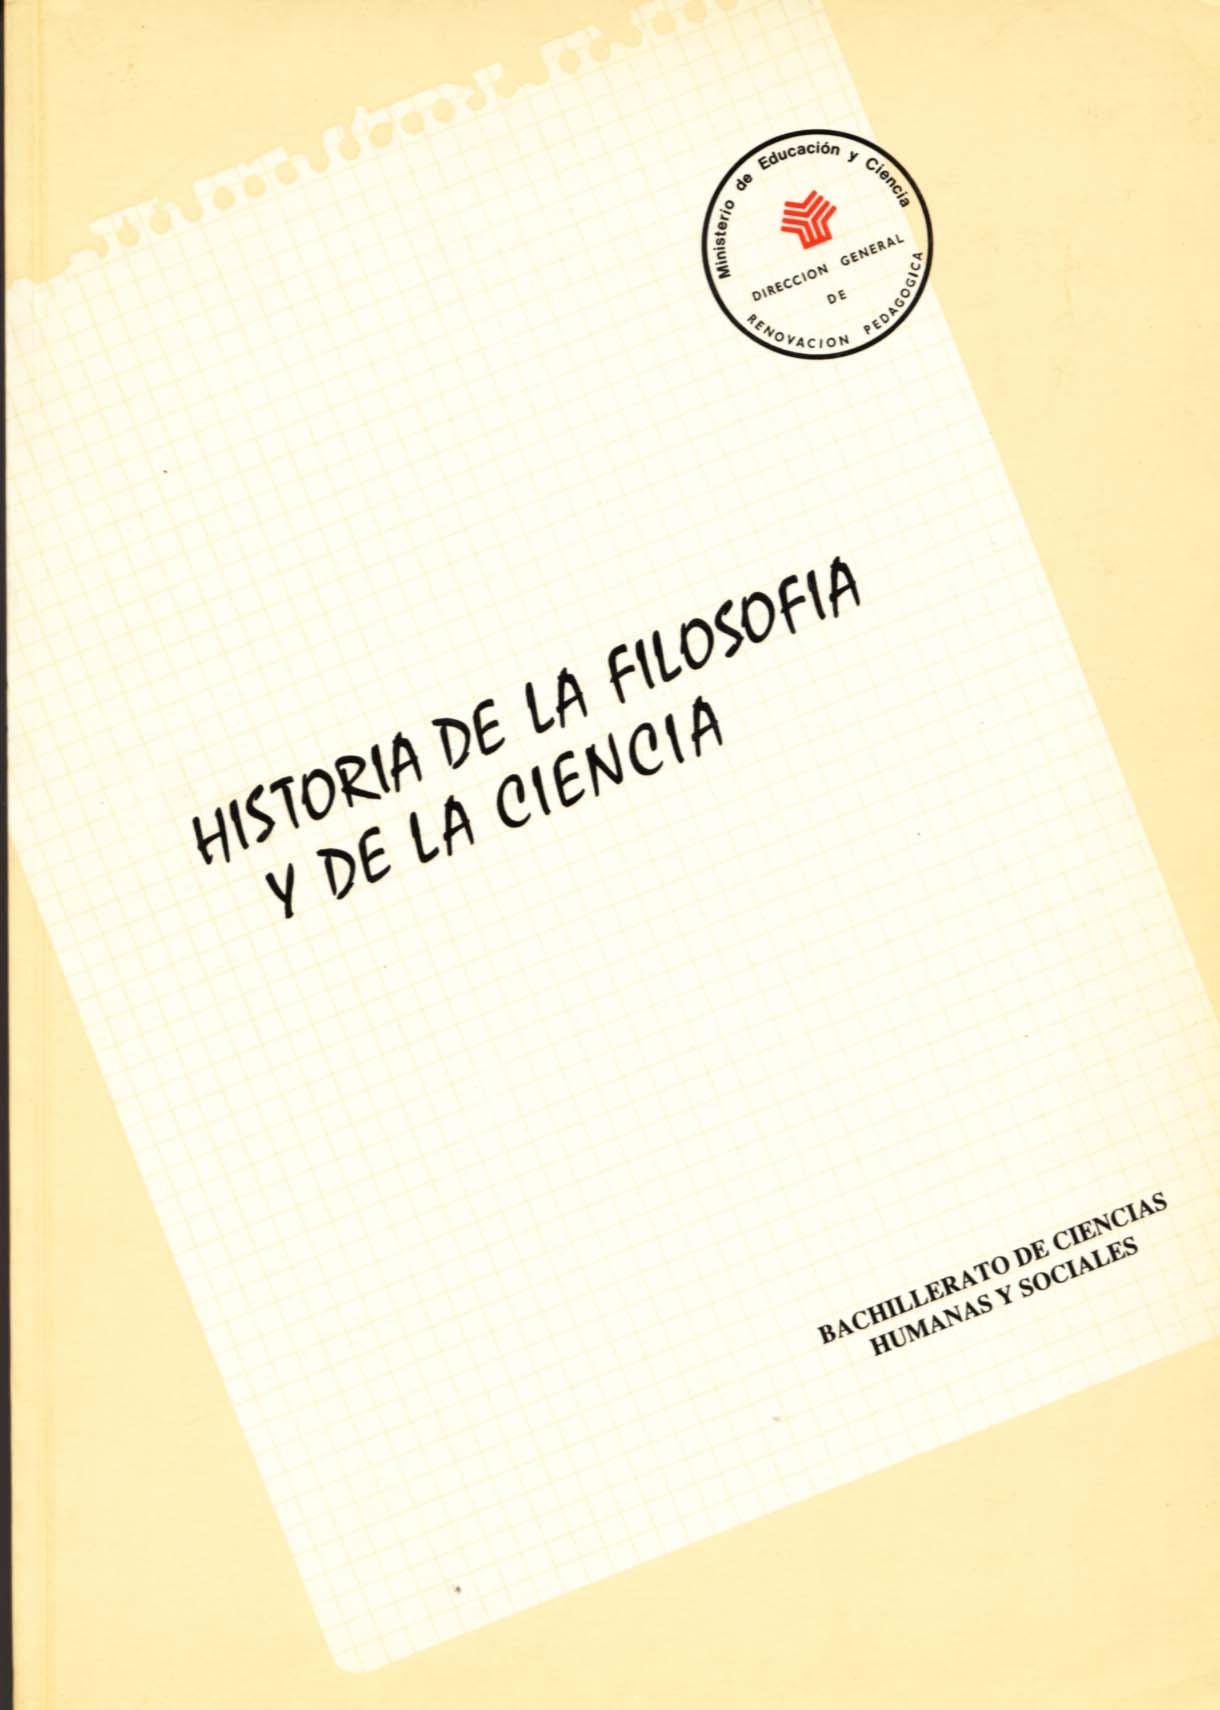 historiadelafilosofiaydelaciencia.jpg